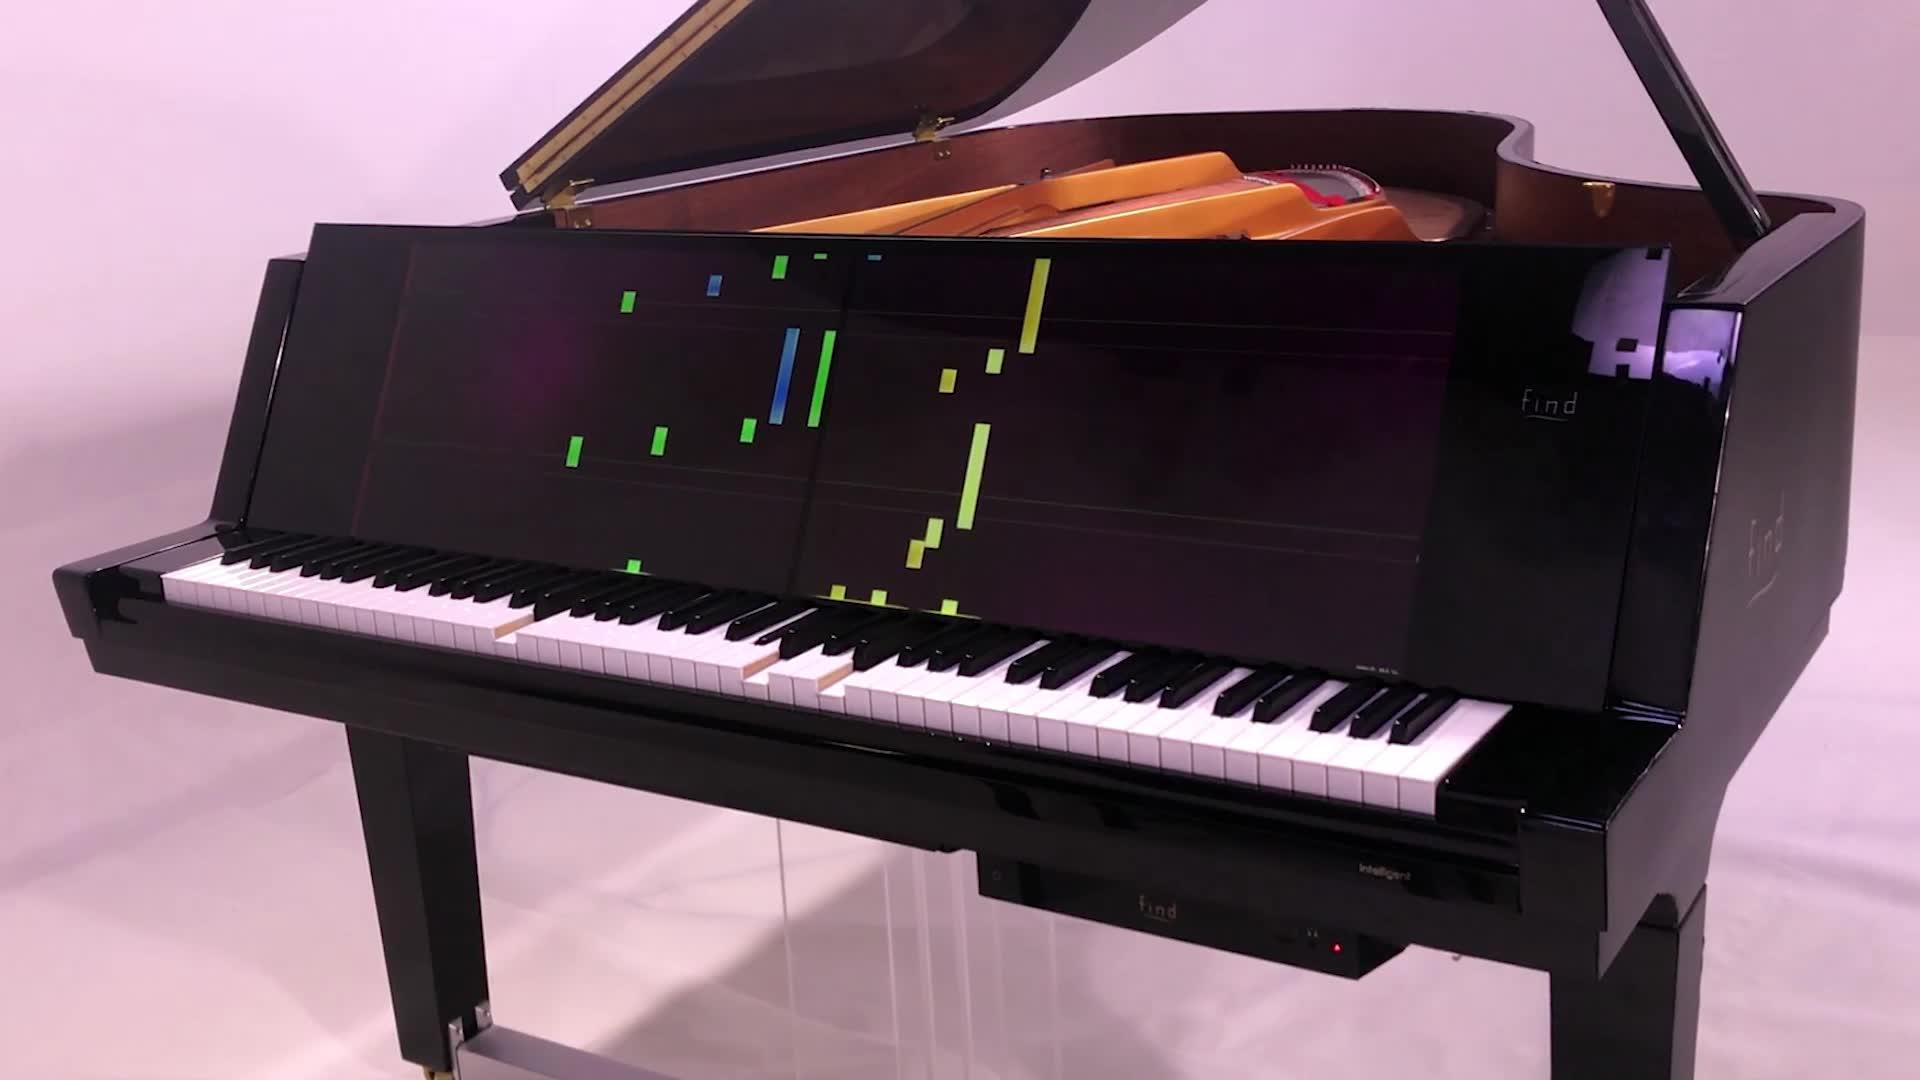 理由find智慧钢琴自动演奏图片